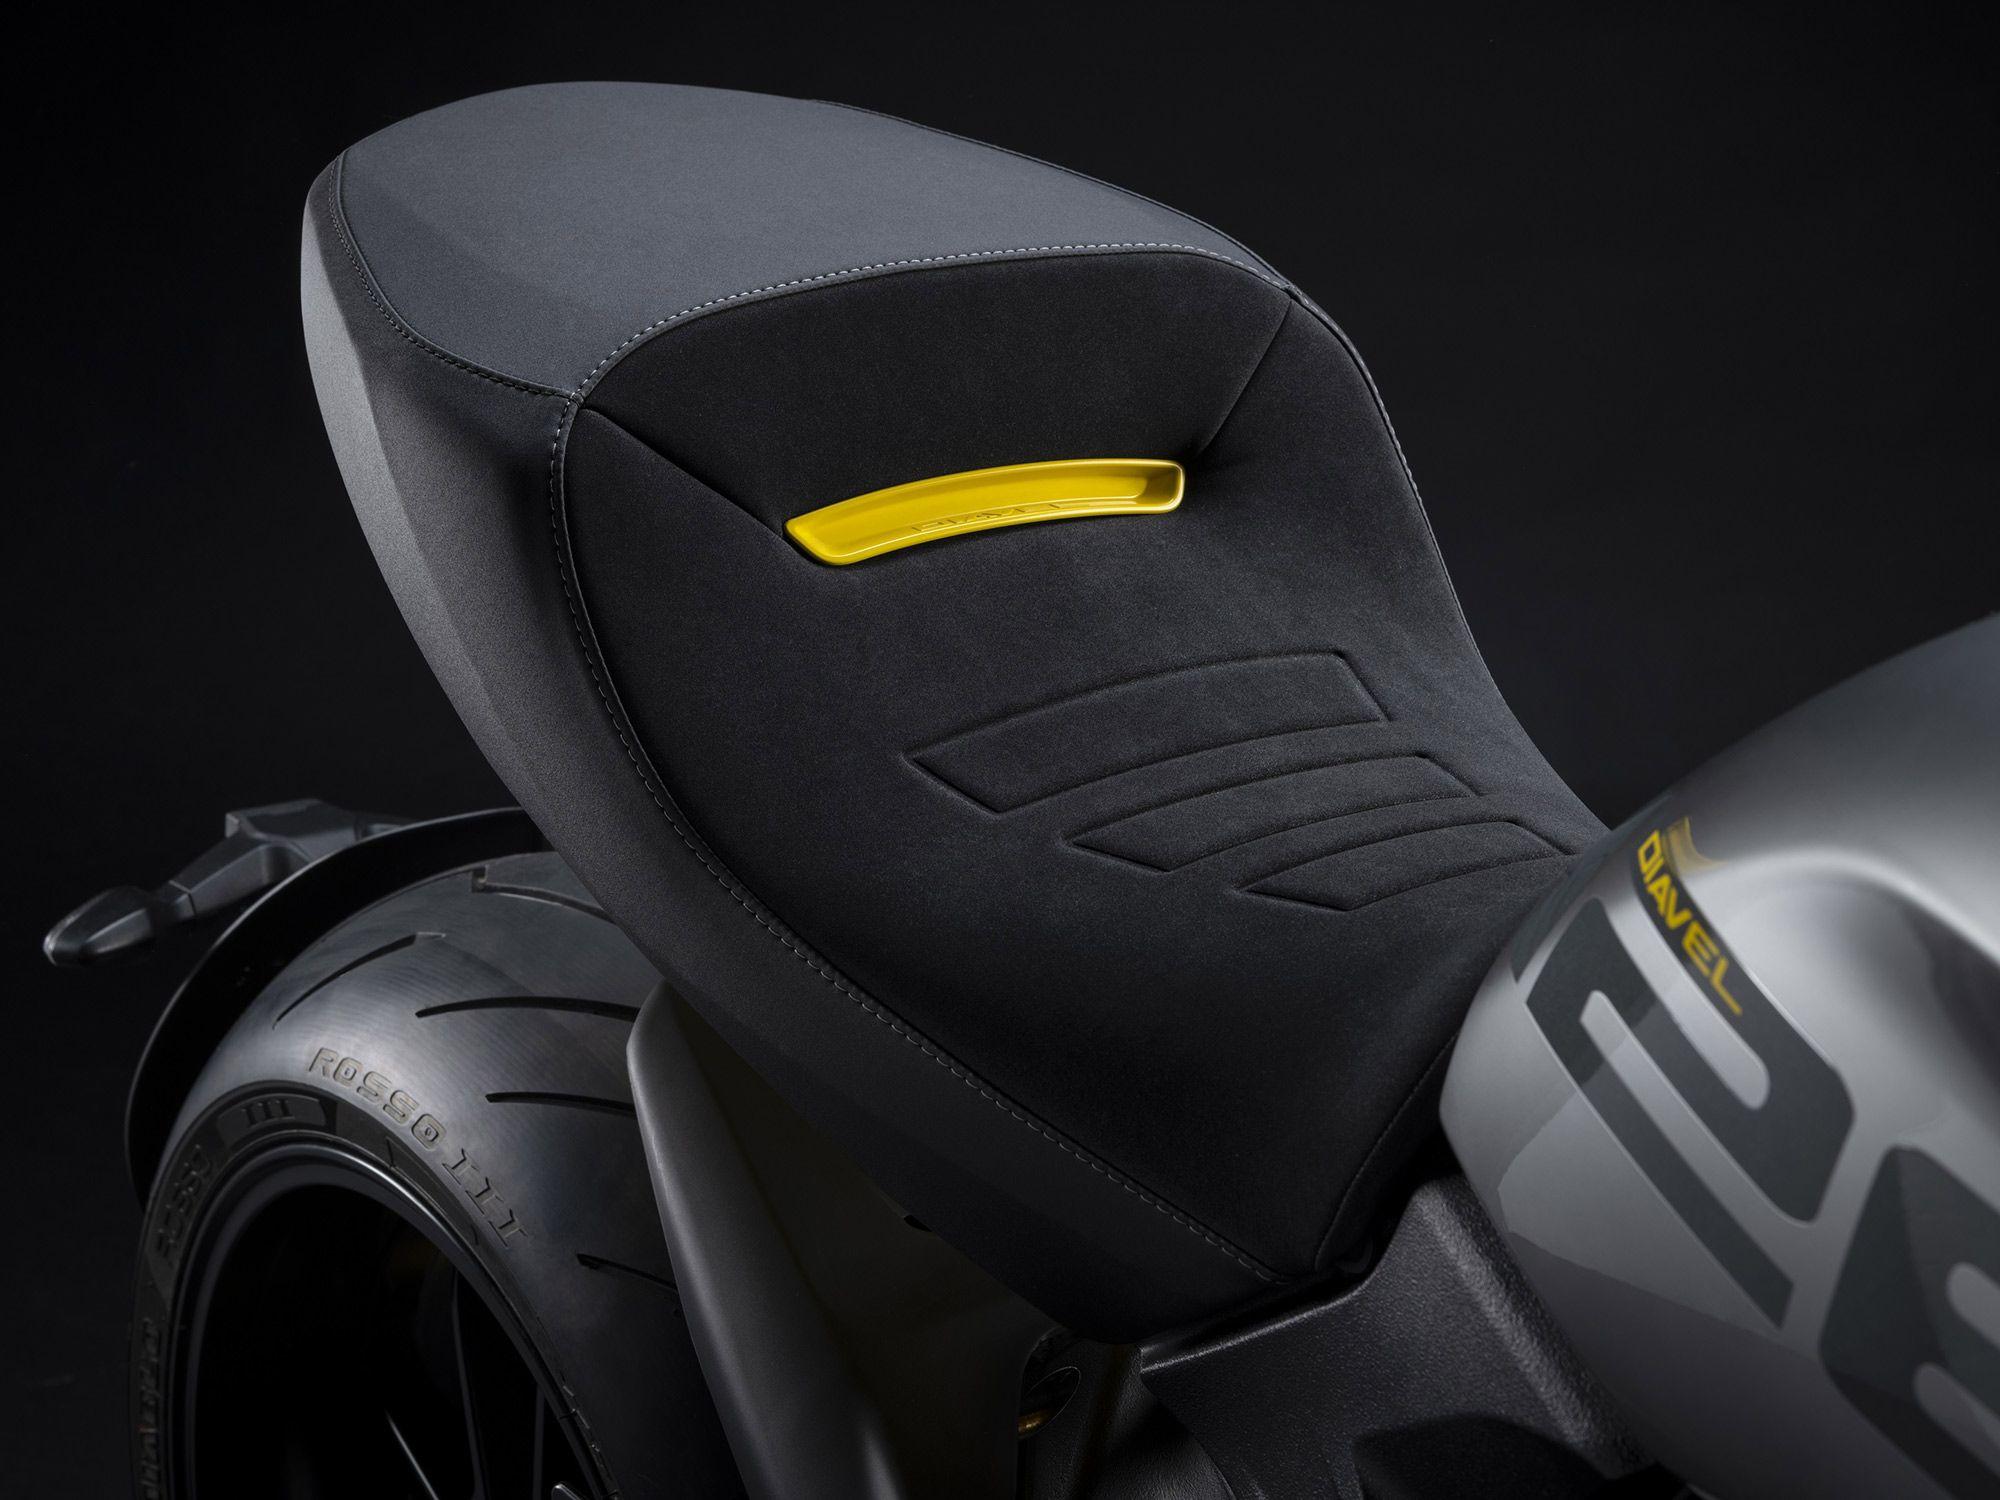 Solo-stoel krijgt een speciale badge samen met enkele stikdetails en wat lijkt op meer premium materiaal.